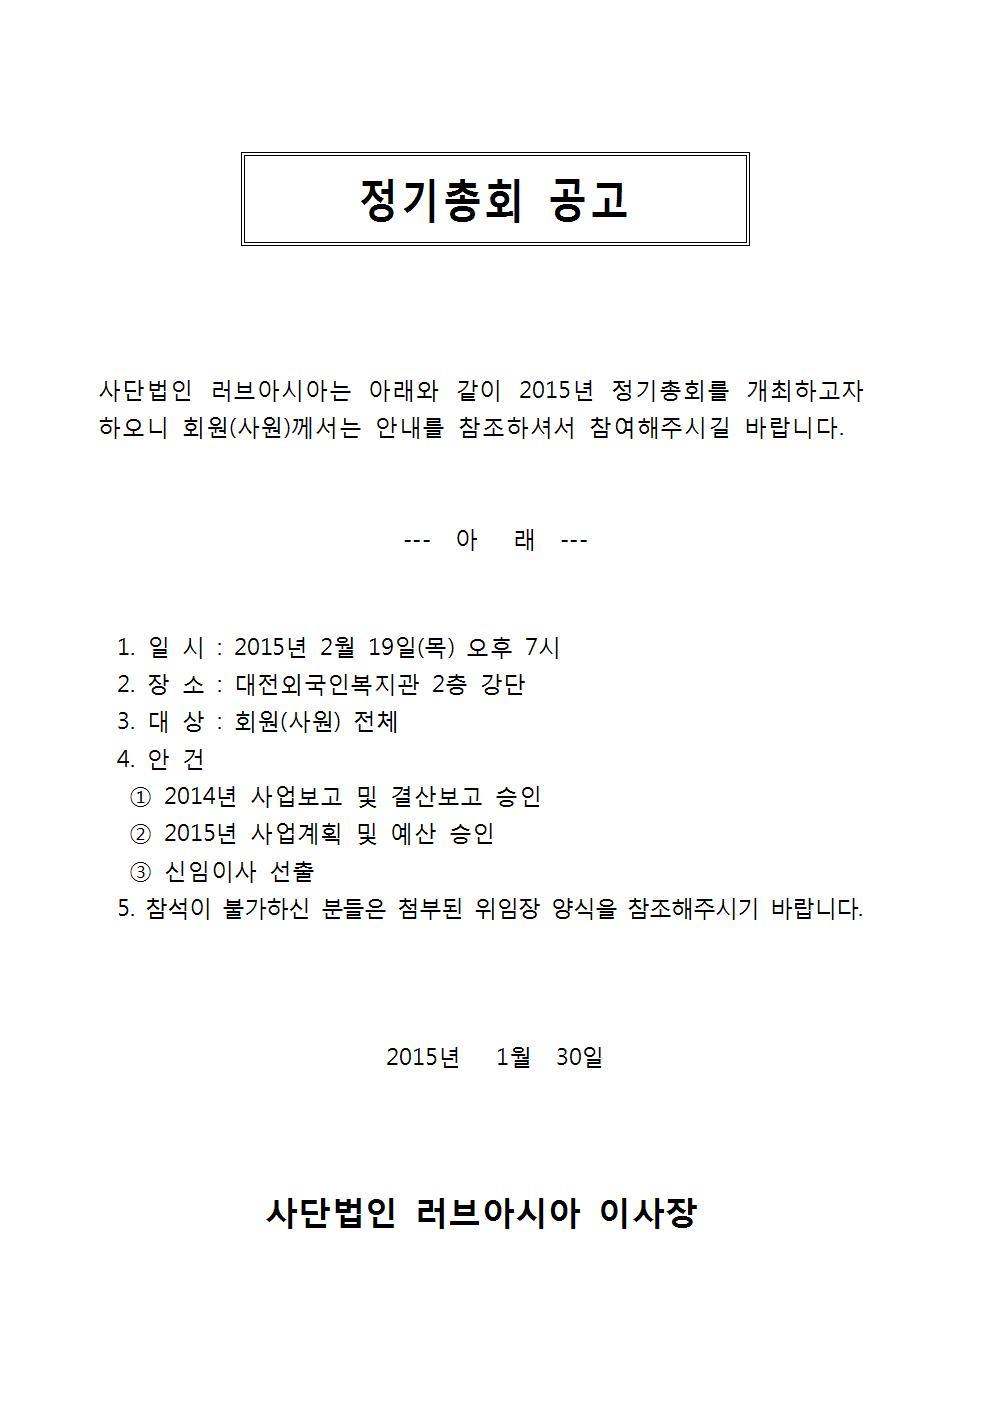 2015년 정기총회 공고문 및 위임장001.jpg